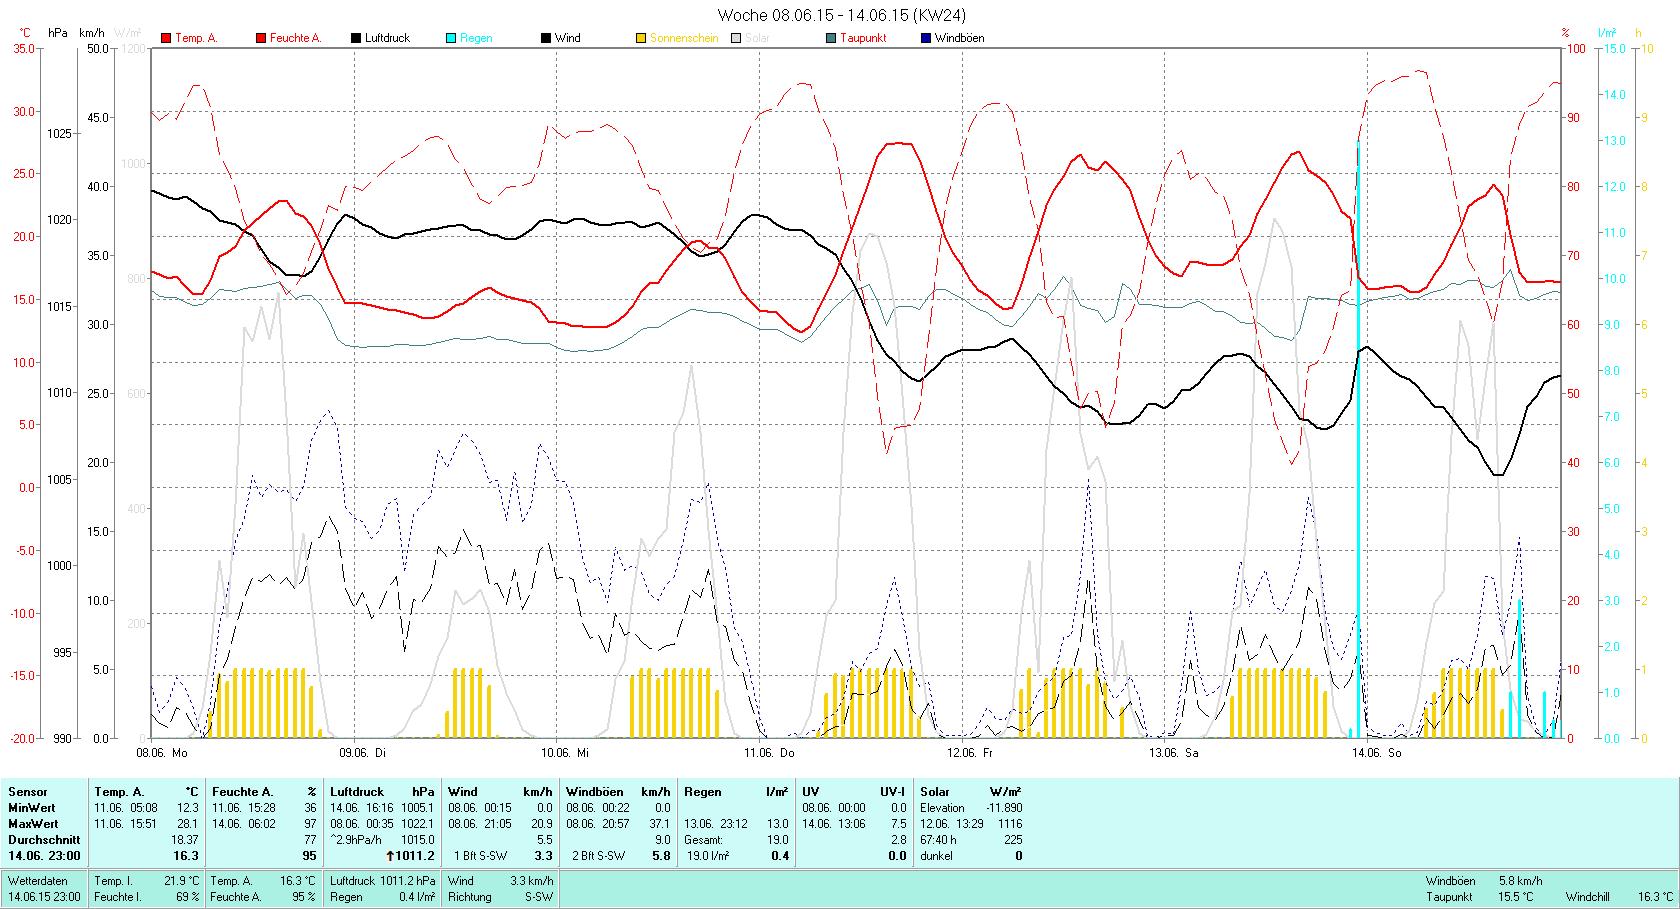 KW 24 Tmin 12.3°C, Tmax 28.1°C, Sonne 67:40h, Niederschlag 19.0mm/2